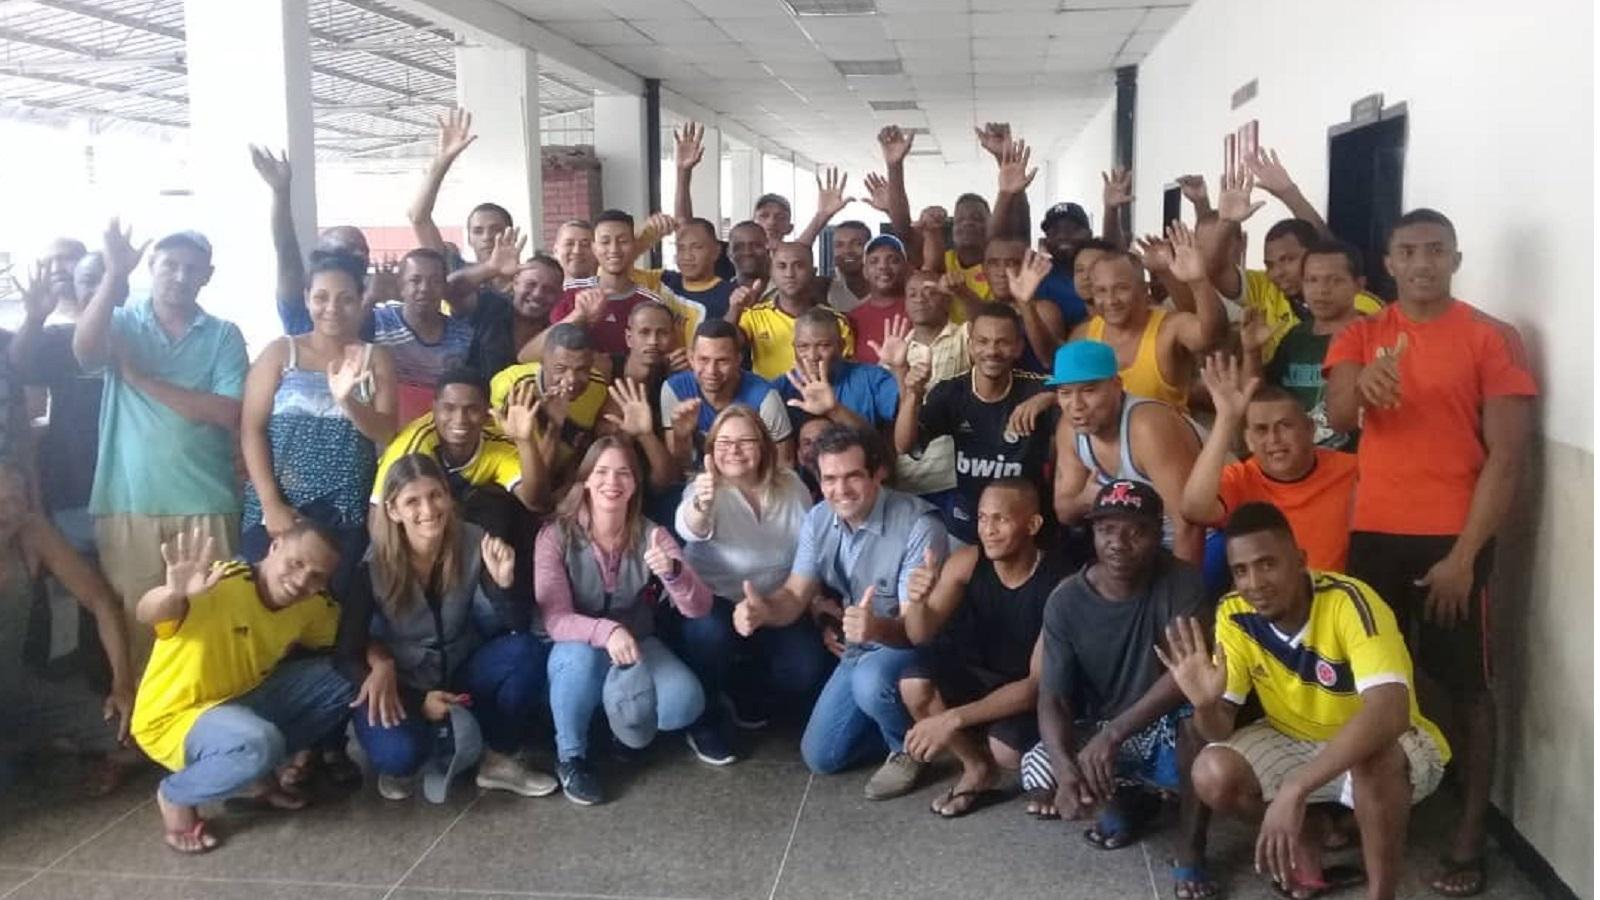 Venezuela deporta a 59 colombianos acusados de terrorismo, según ONG Foro Penal